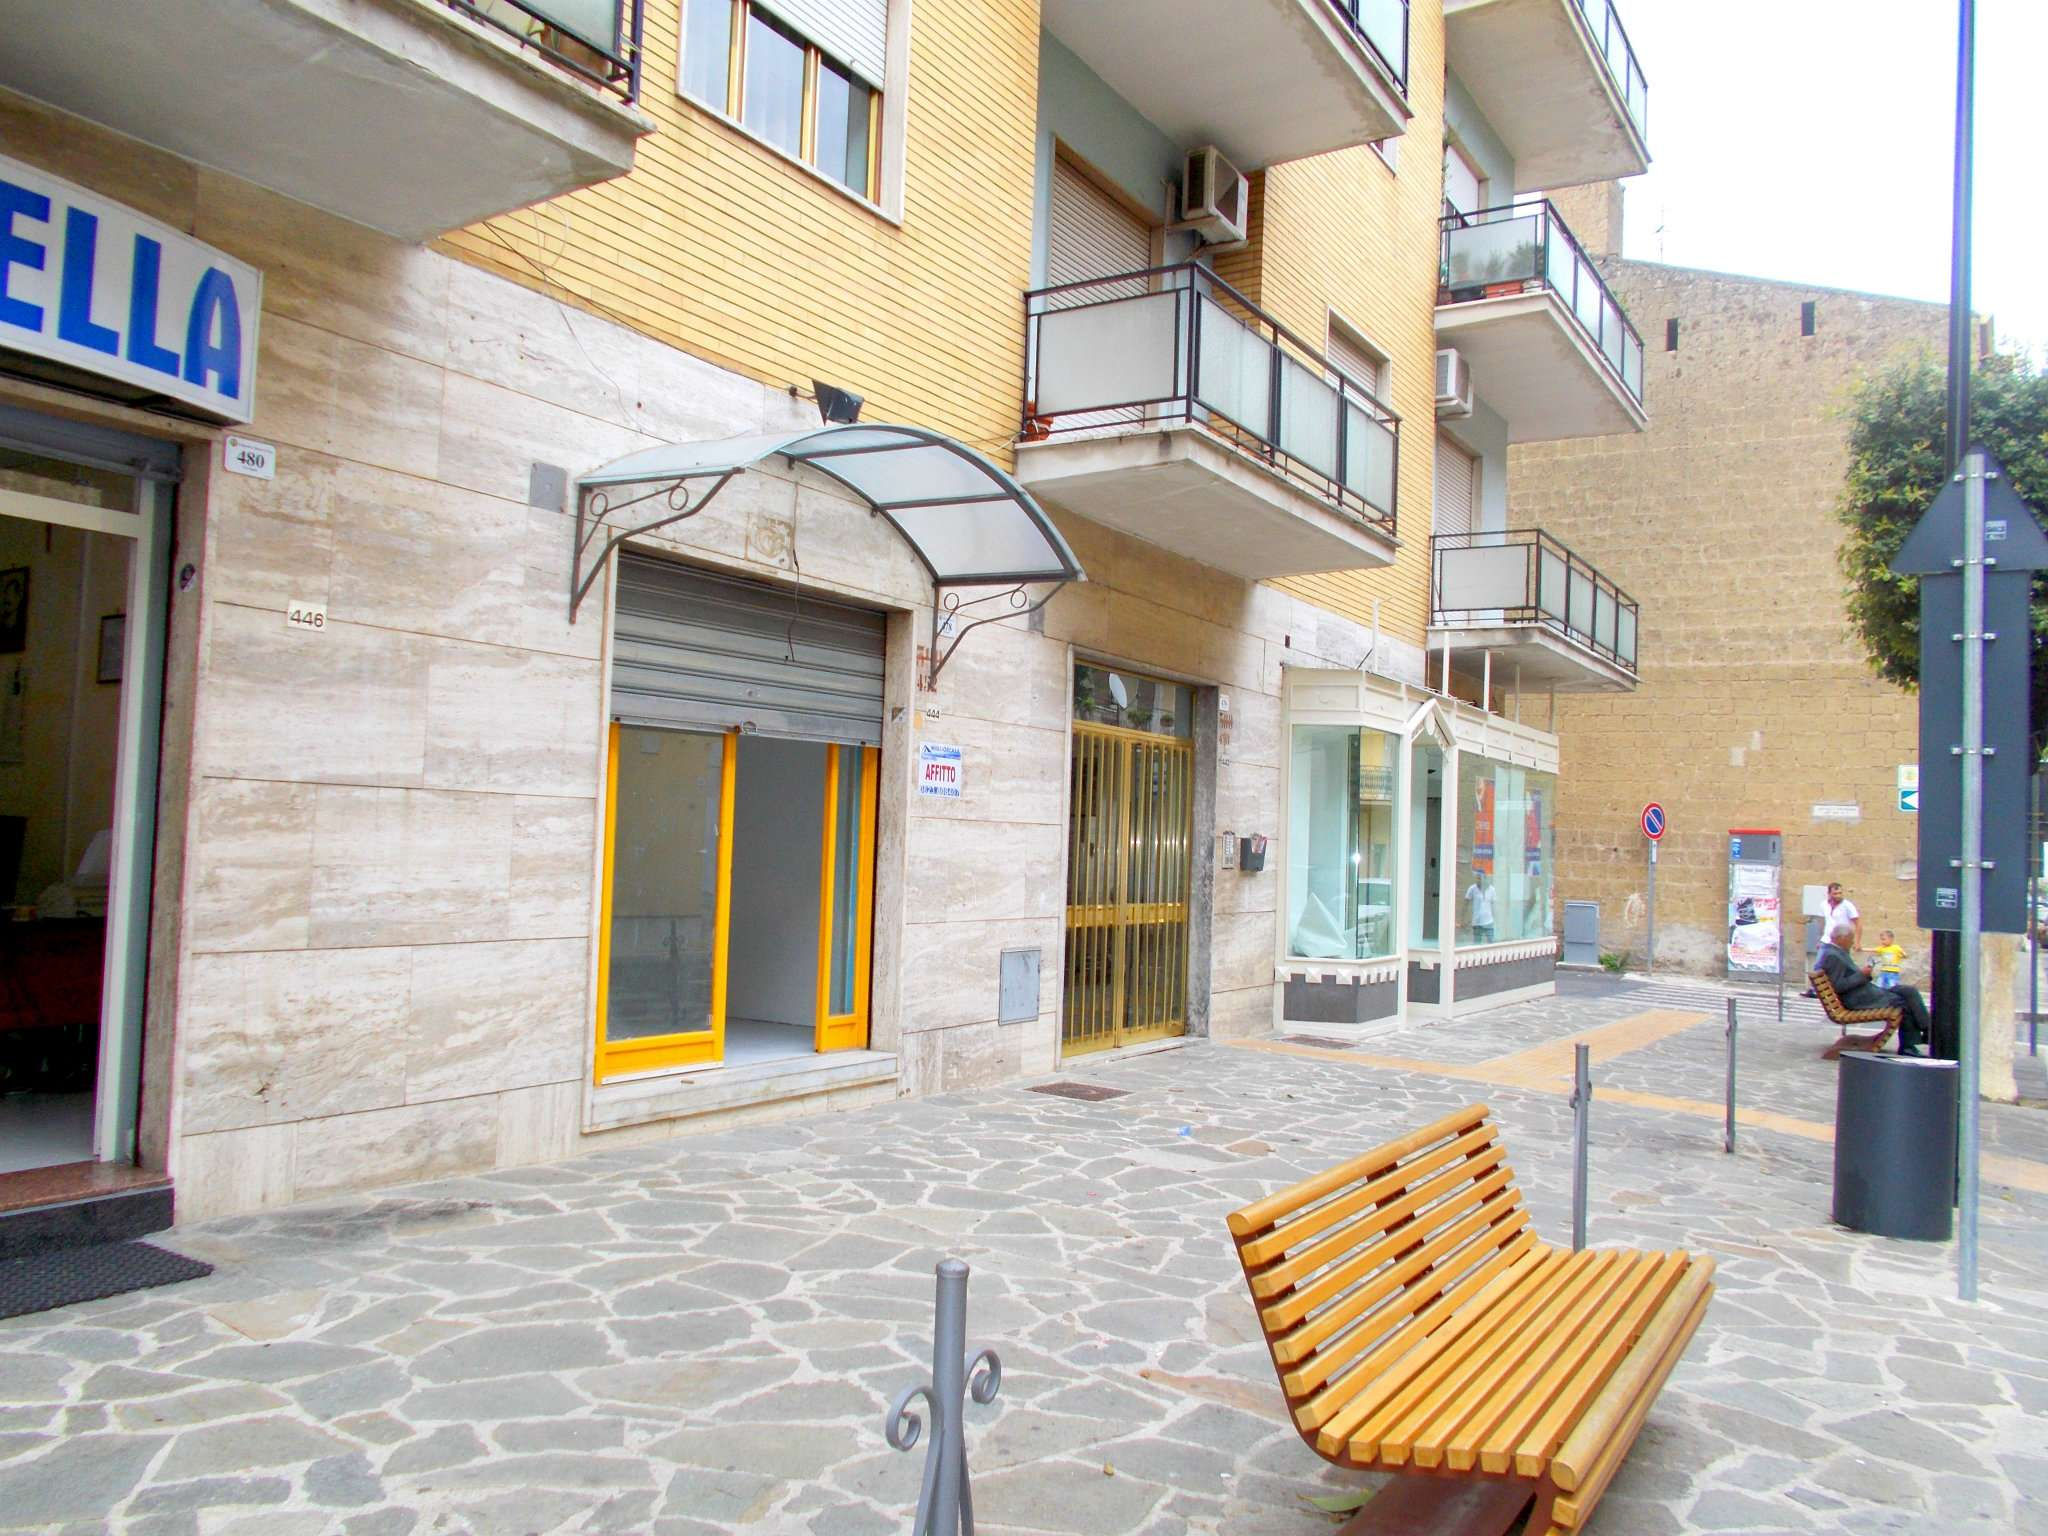 Negozio / Locale in affitto a Santa Maria a Vico, 9999 locali, prezzo € 320 | CambioCasa.it